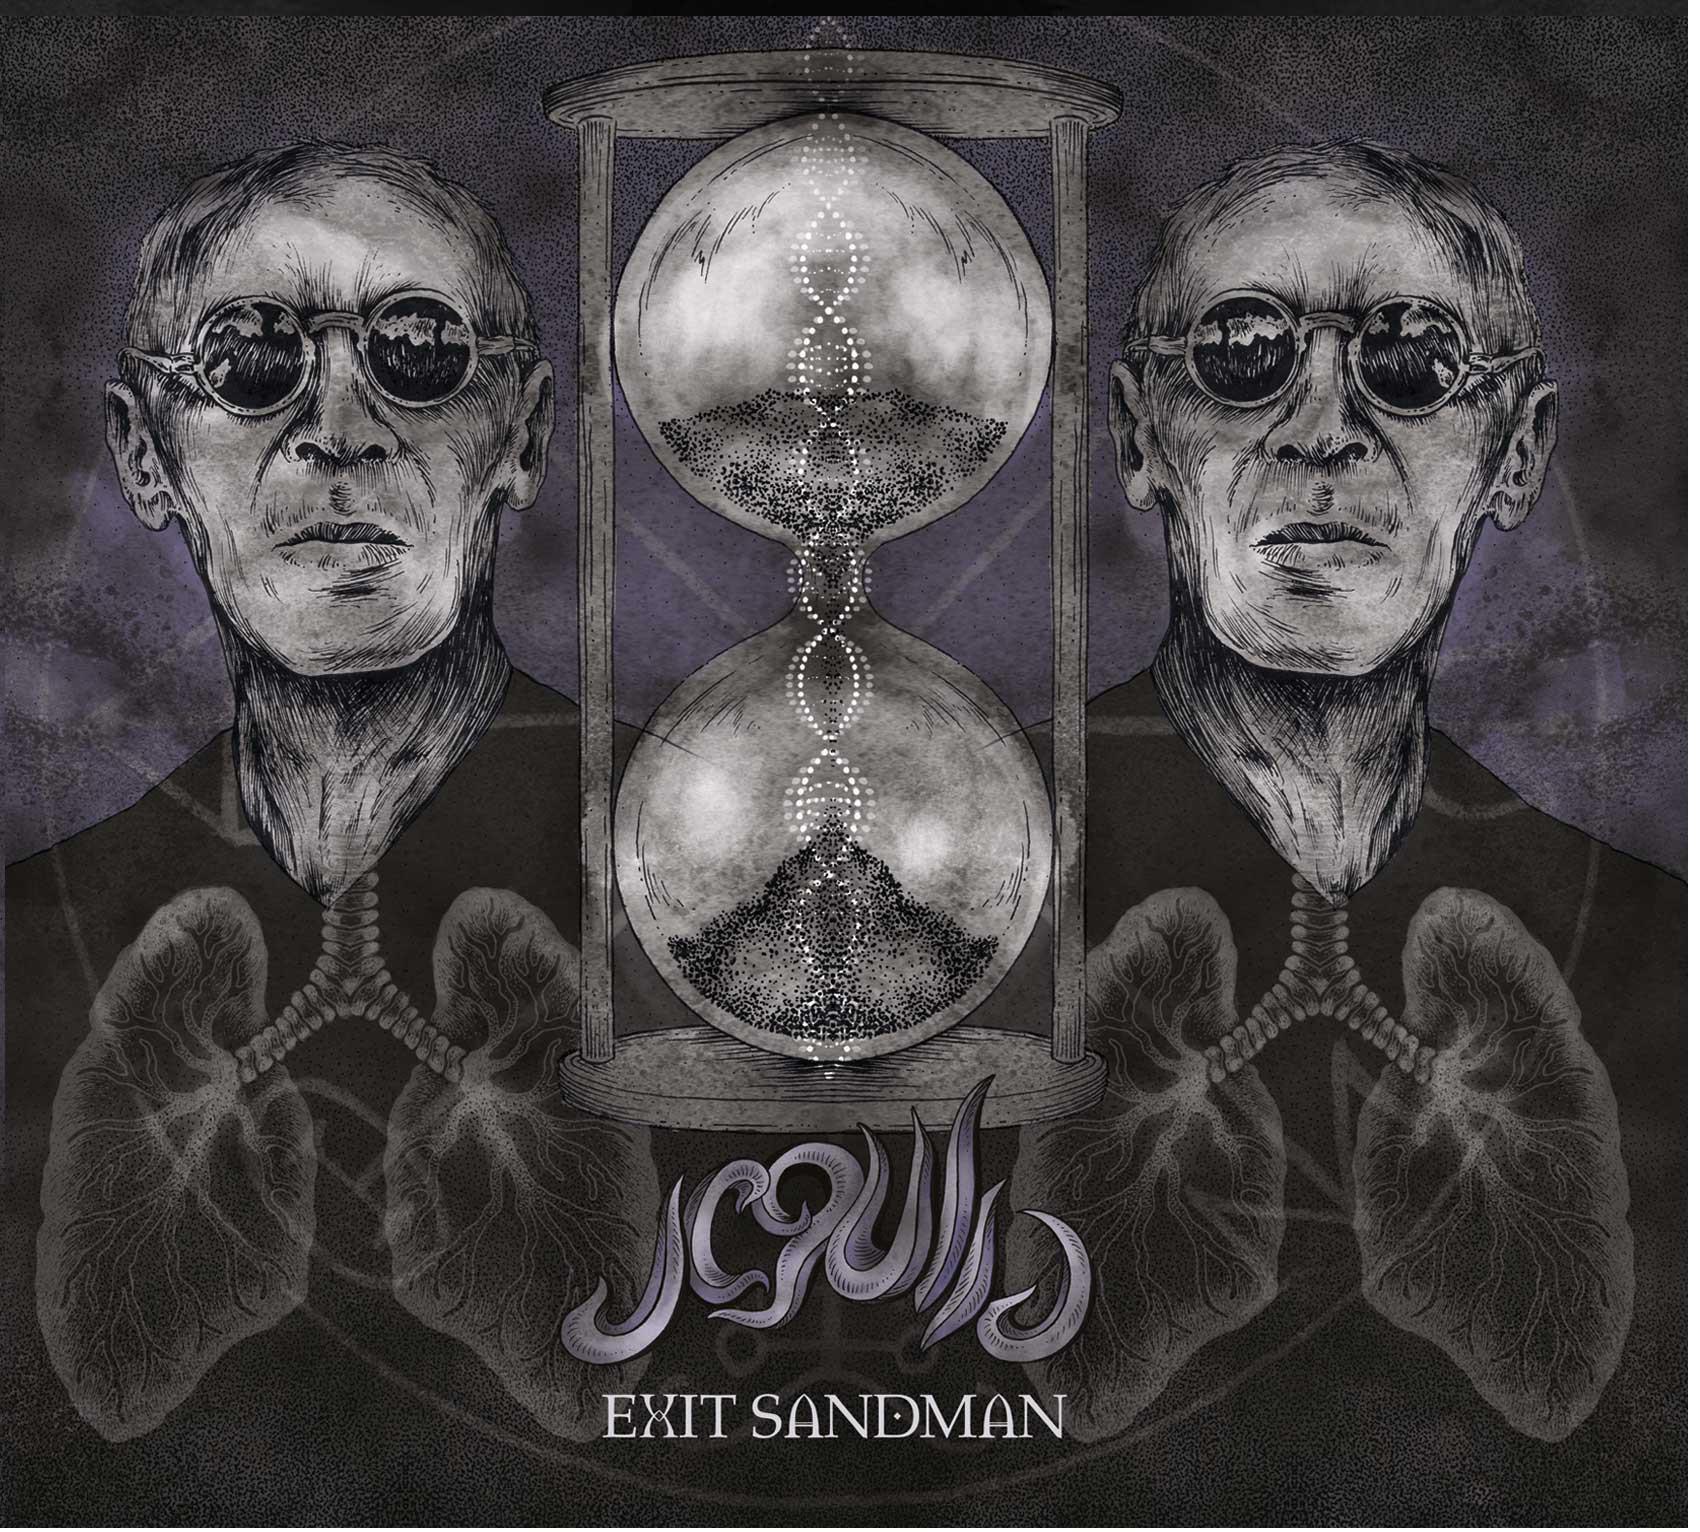 Jegulja Exit Sandman